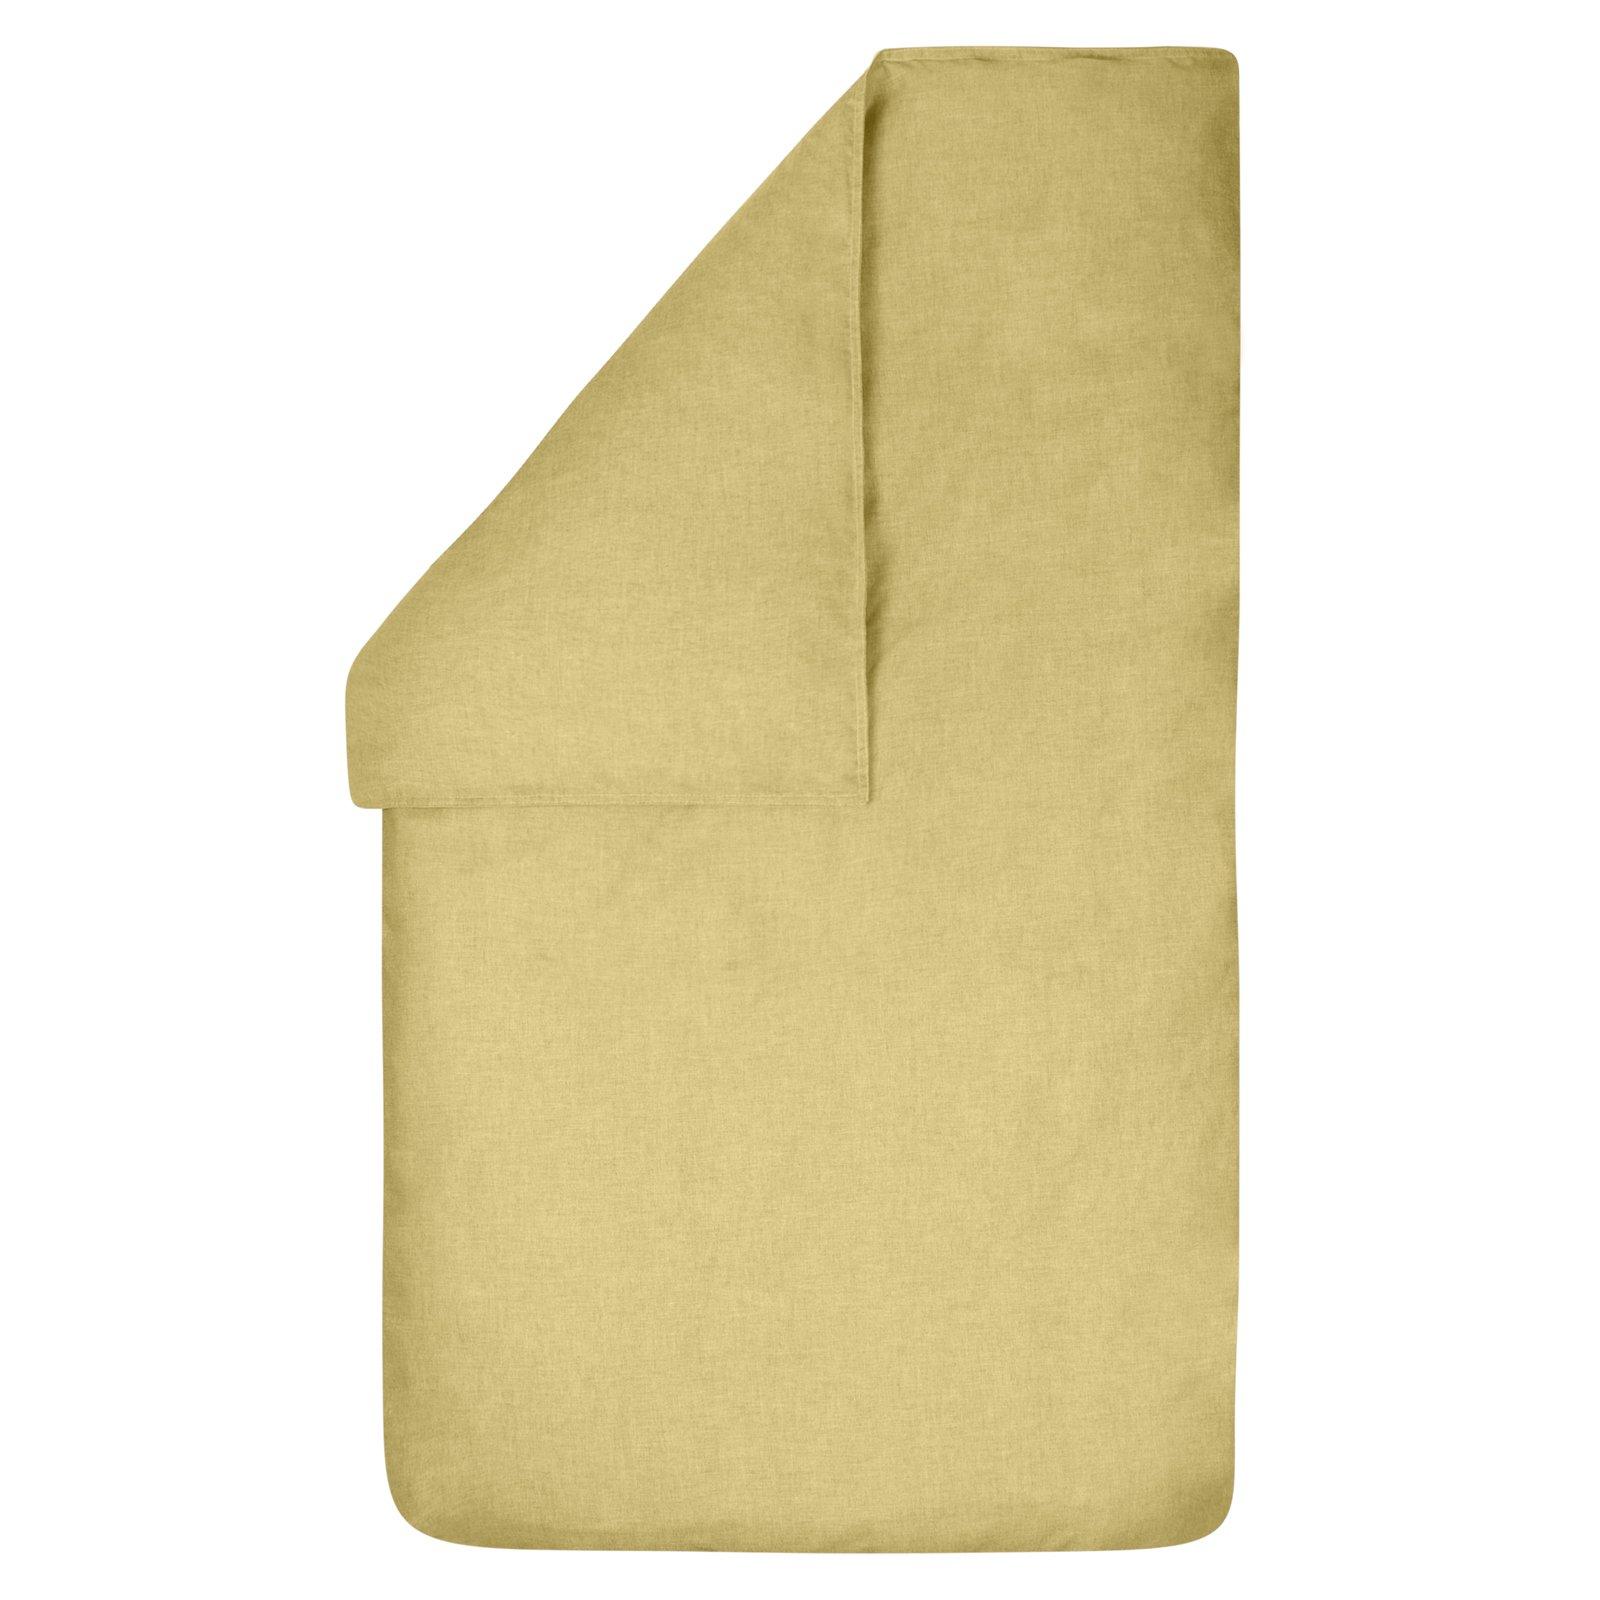 Dekbedovertrek Bo oudroze 100x135, gemaakt van een mooie chambray in de kleur oker (licht maïsgeel ) met rondom een wit dubbel stiksel.